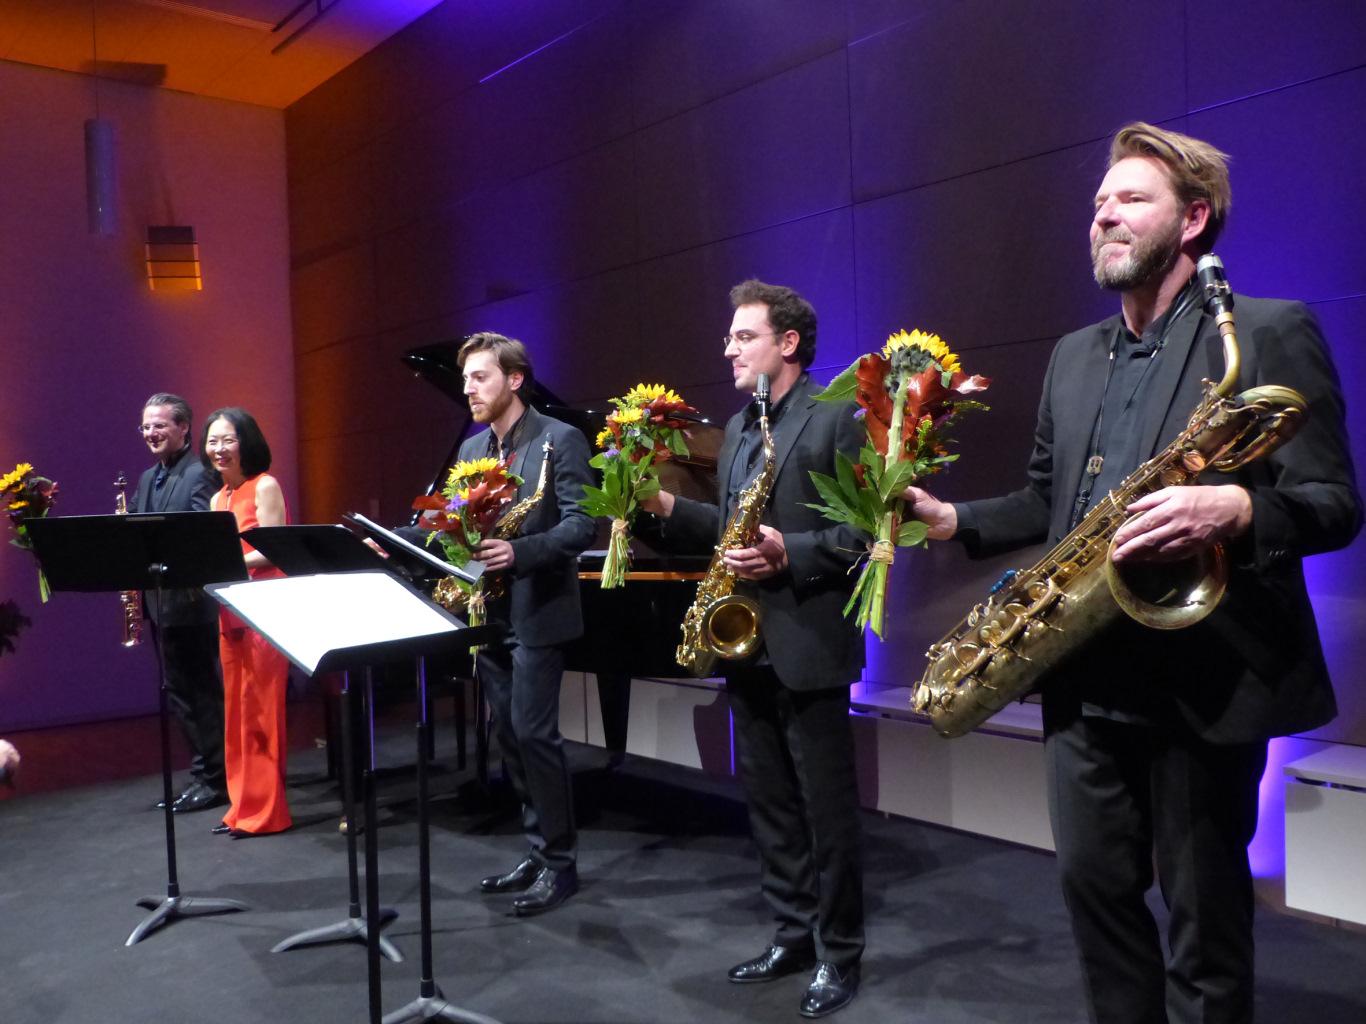 Schlosskonzerte: Krönender Saisonabschluss mit dem Alliage Quintett